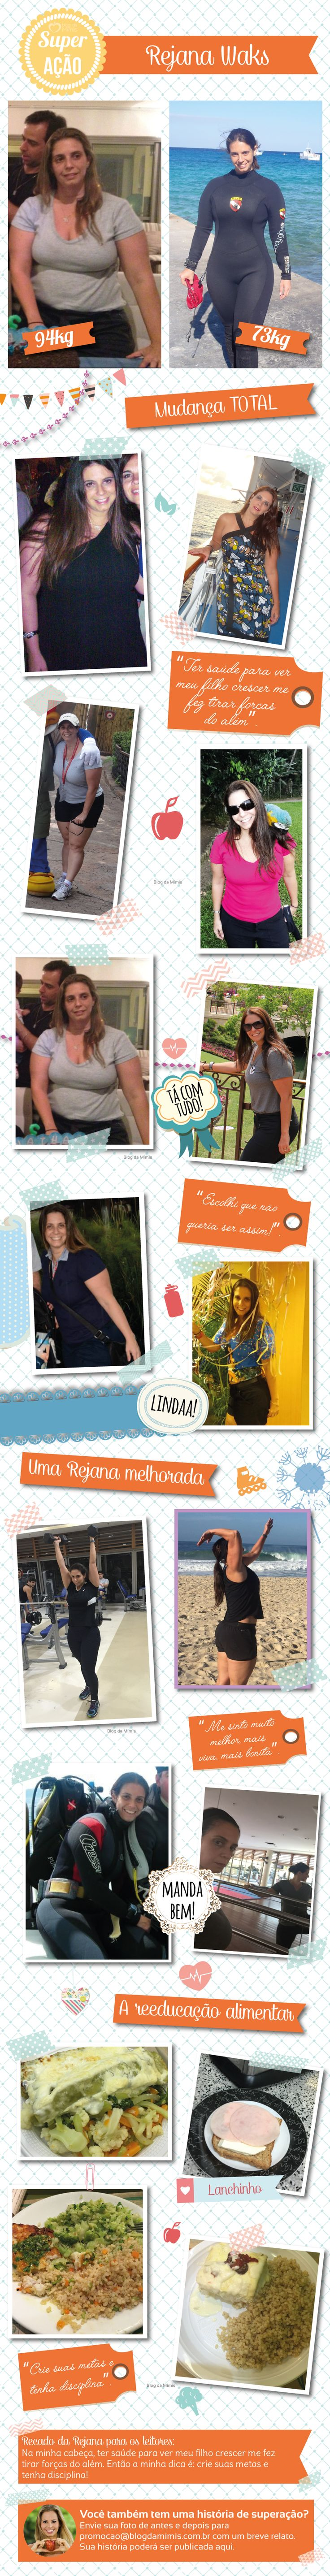 Superação Rejana: vida nova ao vencer o câncer e a obesidade - Blog da Mimis #superação #emagrecer #diet #dieta #câncer #saúde